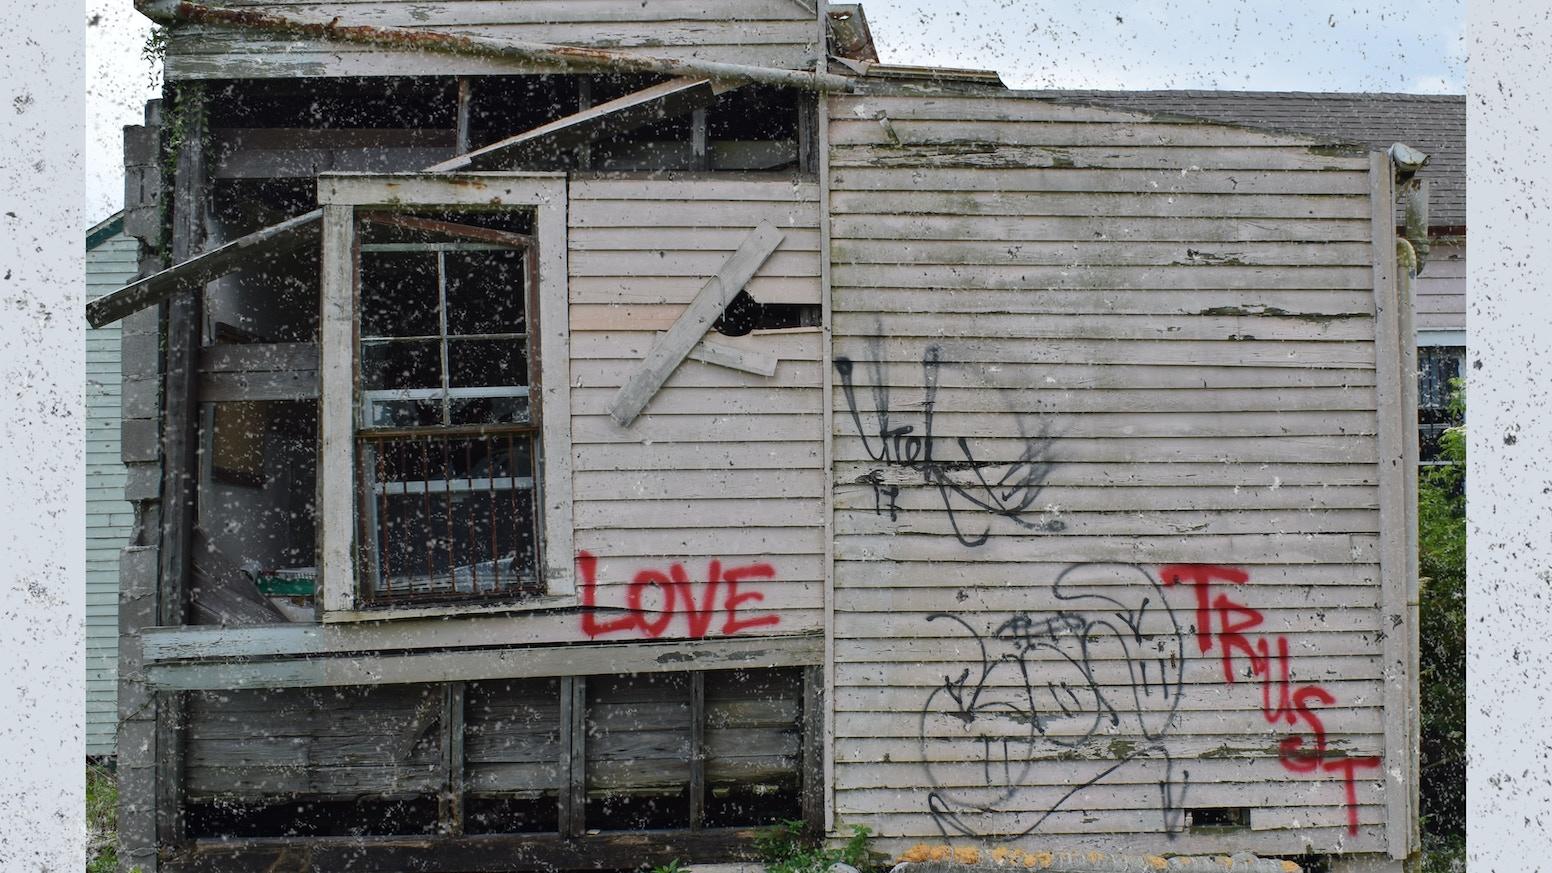 Kyle Reid's new album, Love & Trust